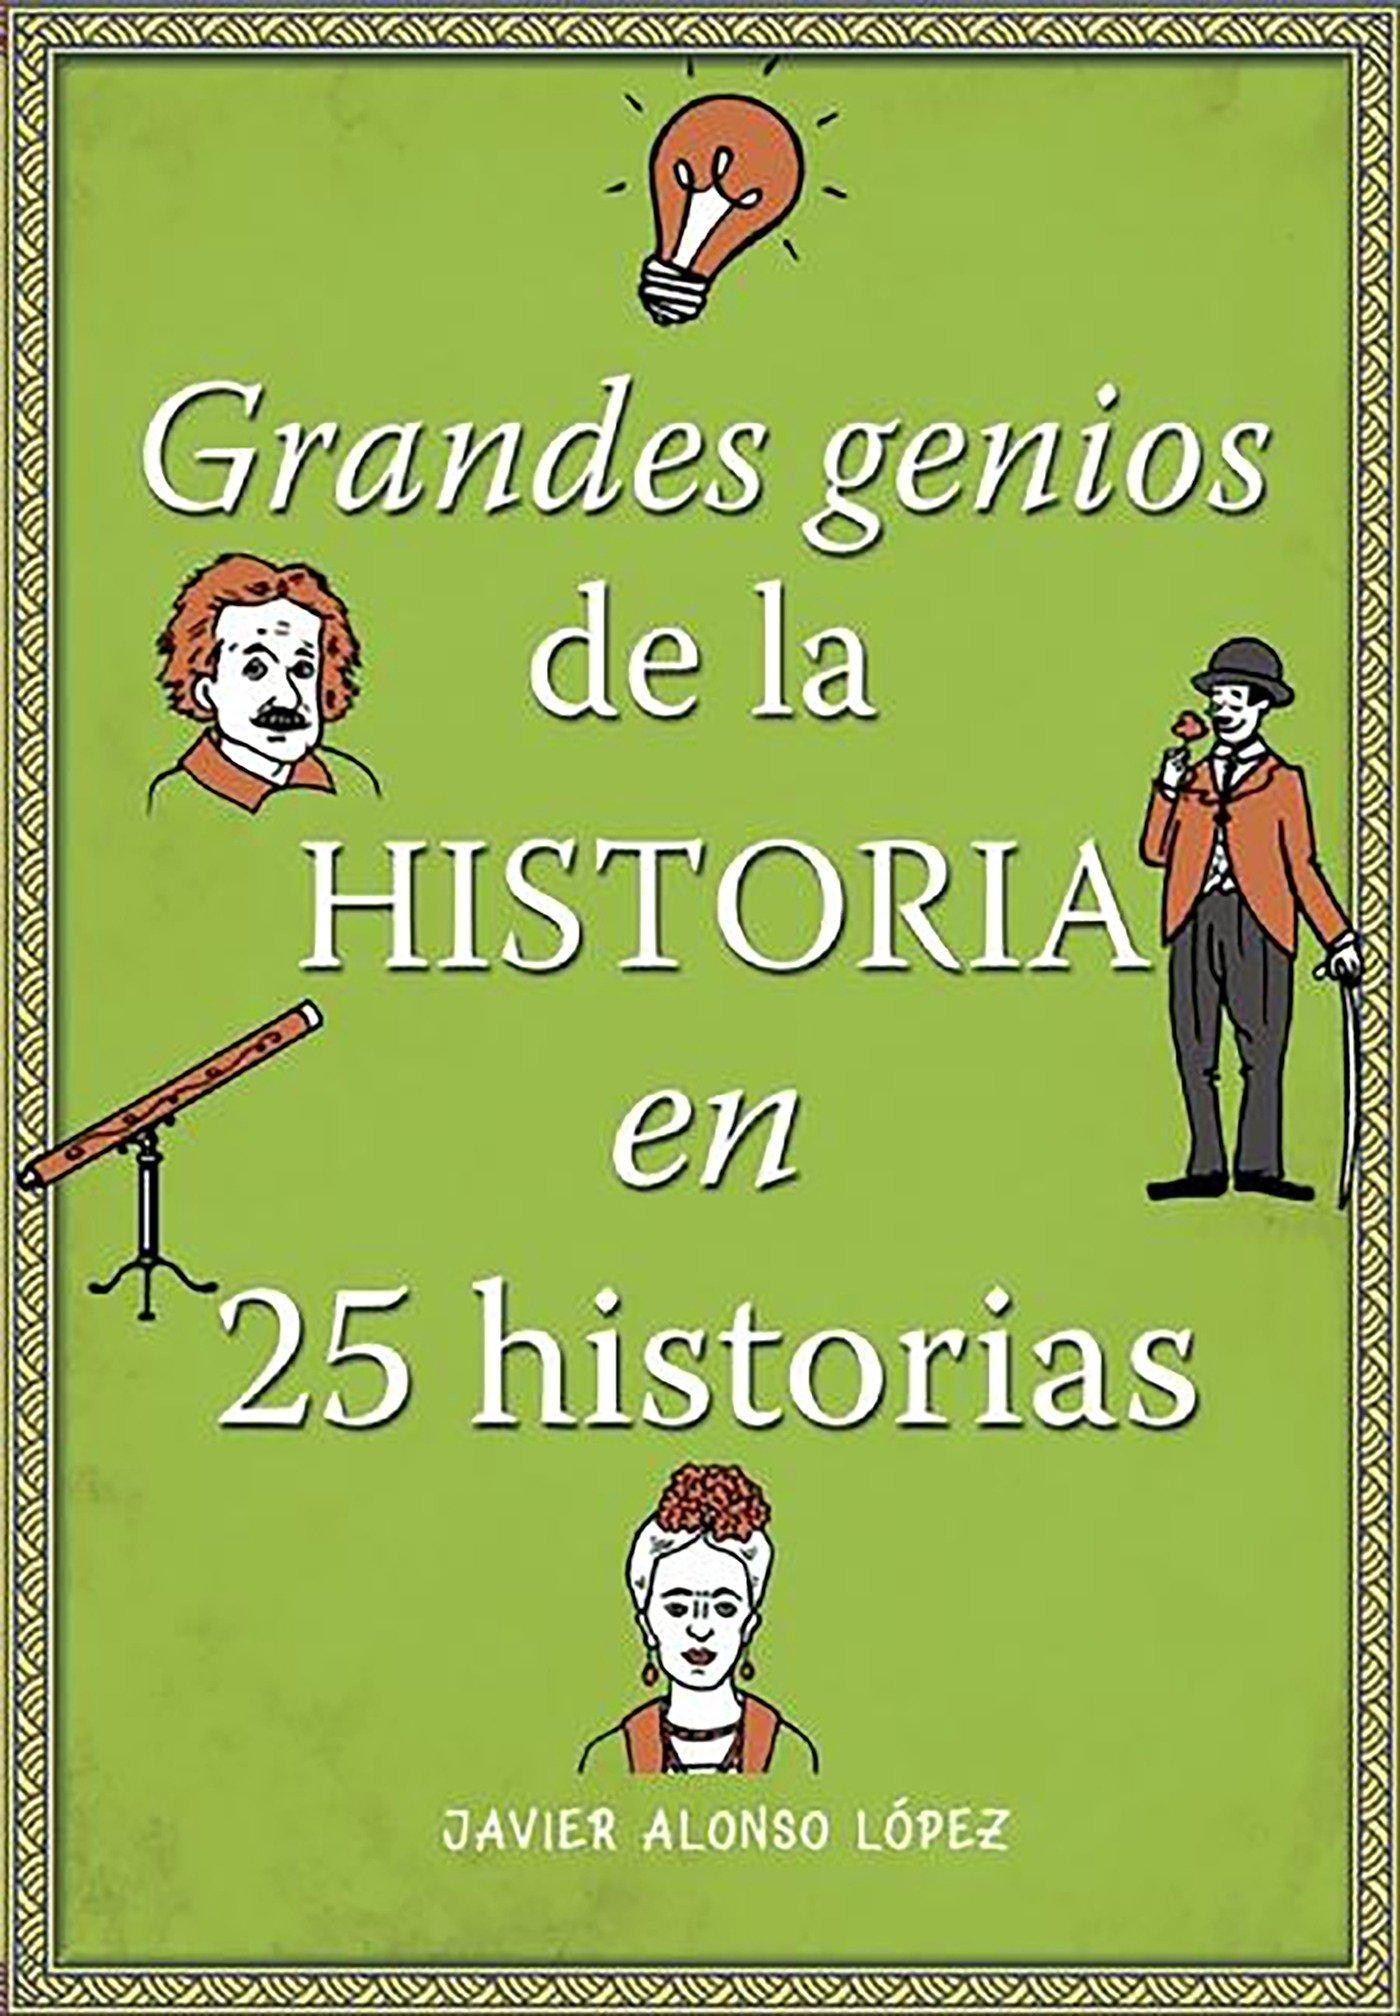 Grandes genios de la historia en 25 historias No ficción ilustrados: Amazon. es: Javier Alonso López: Libros